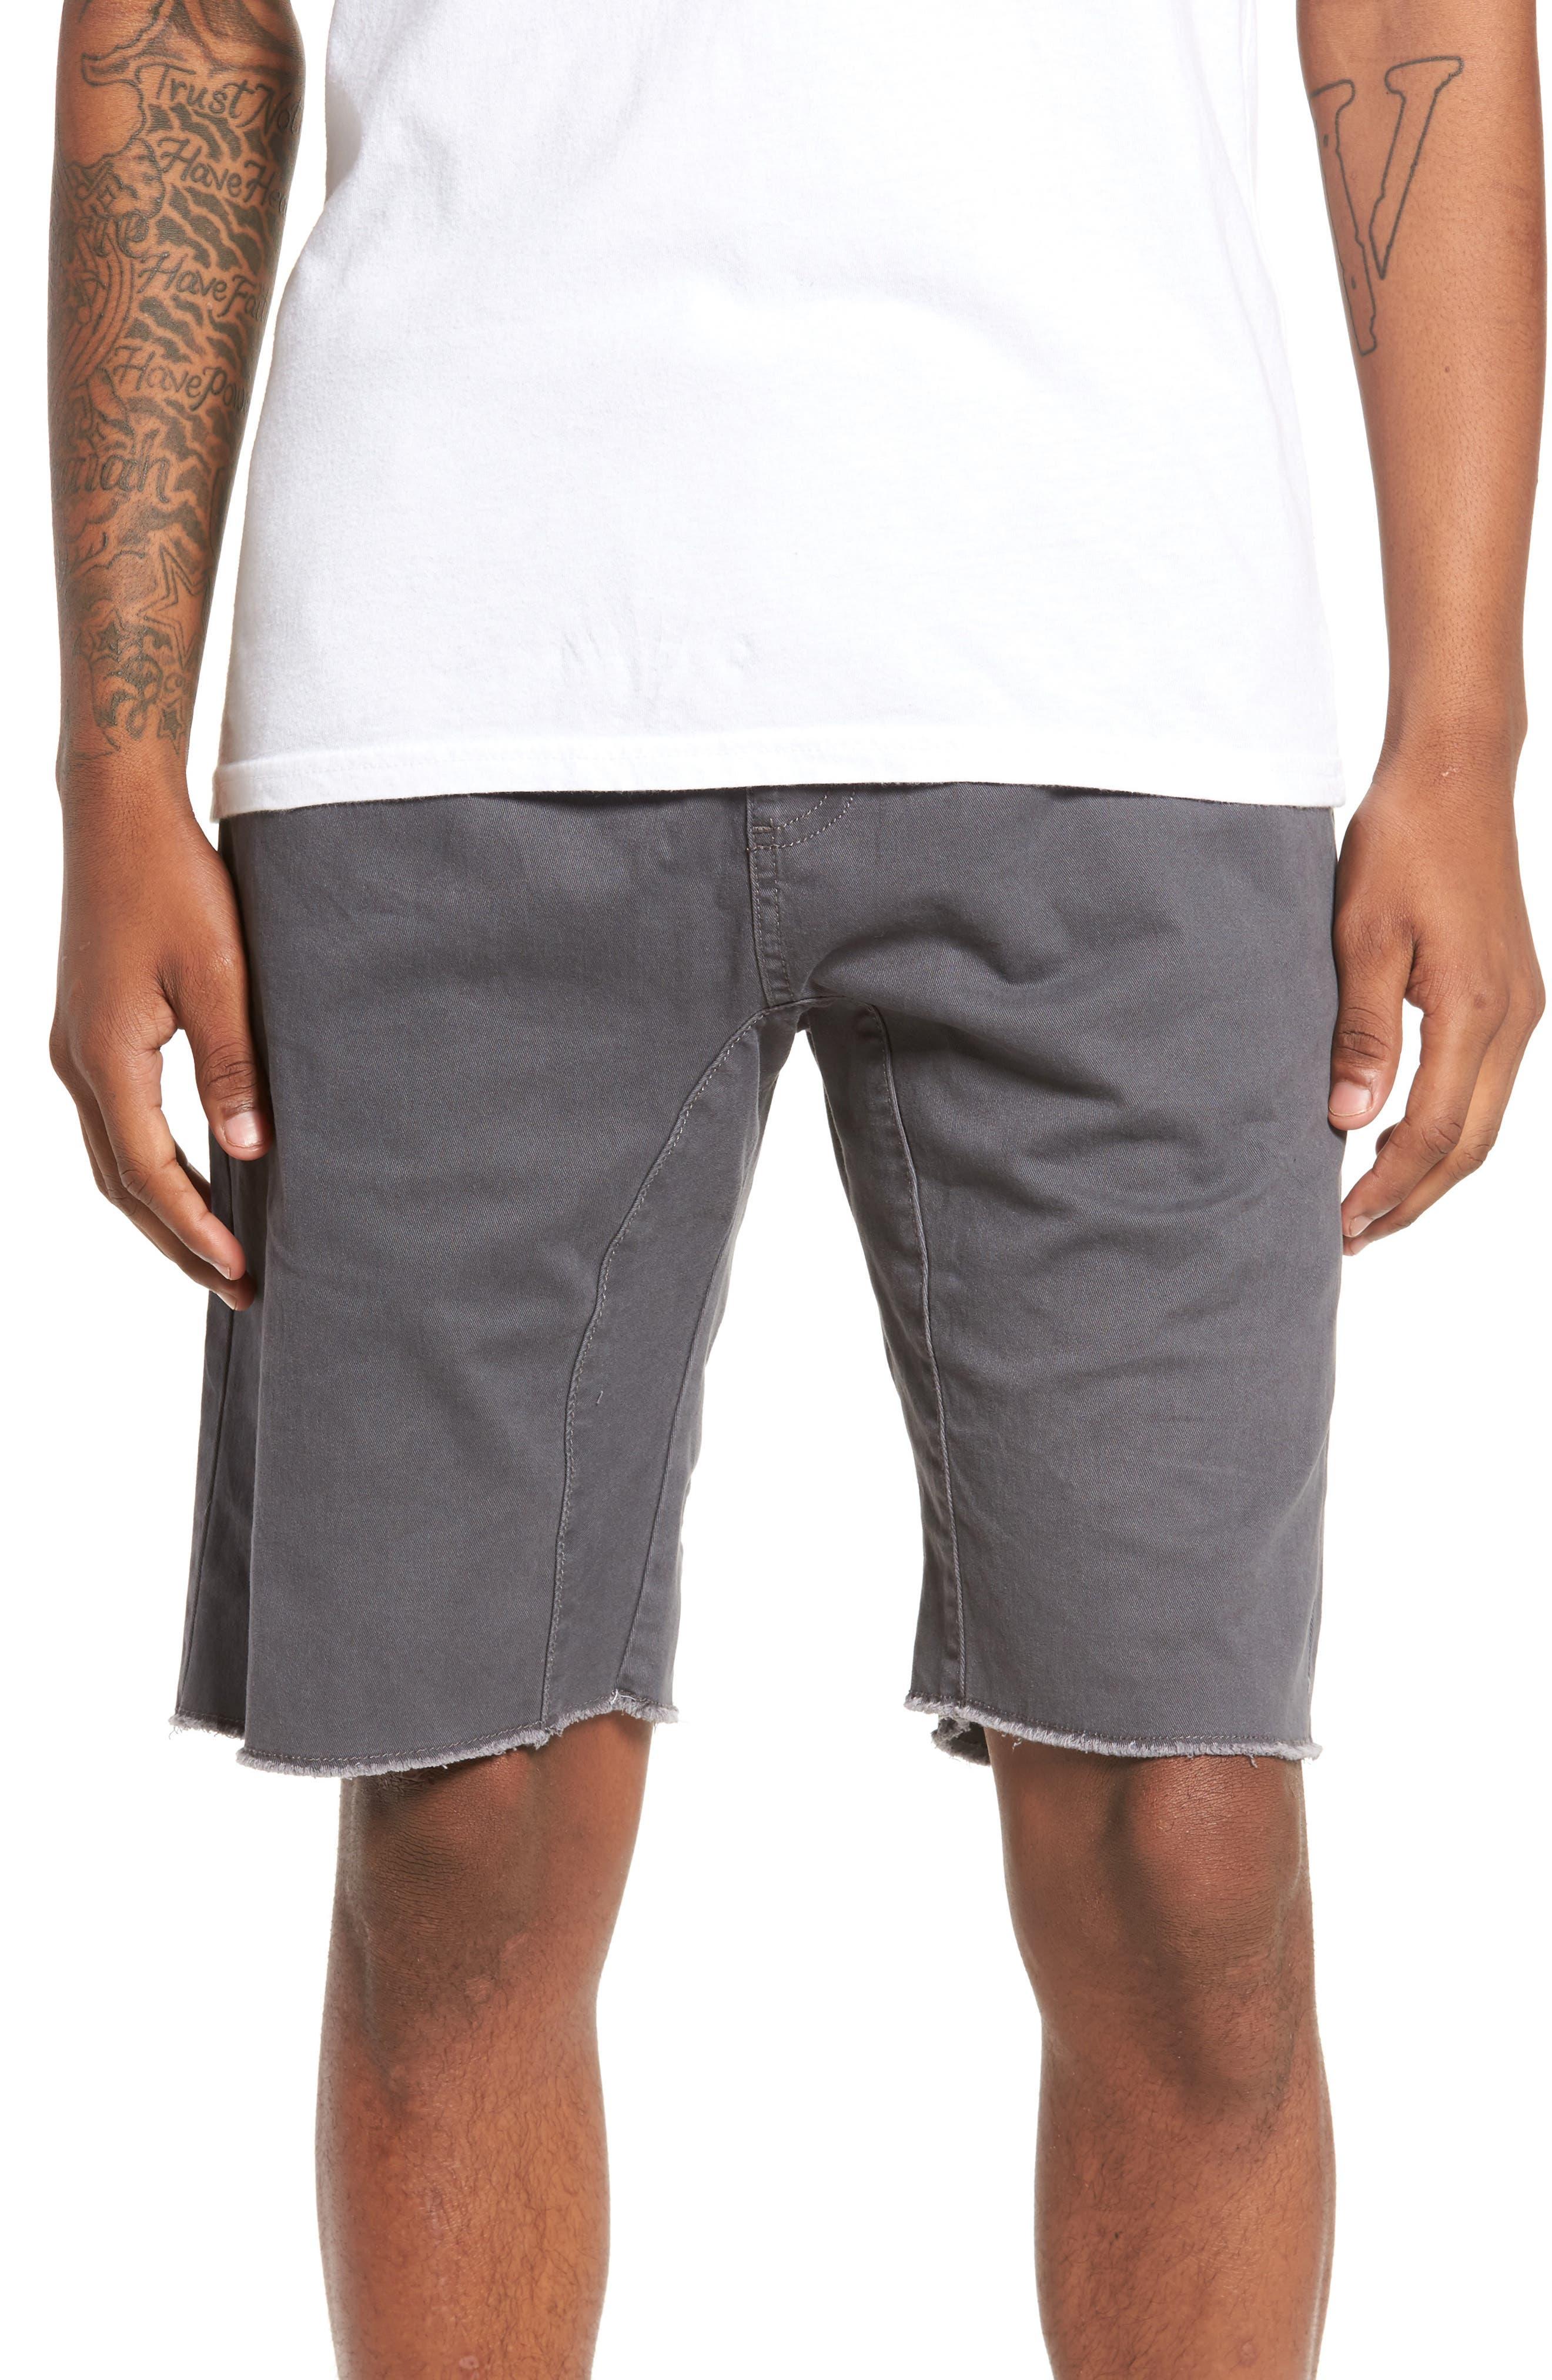 Jogger Shorts,                         Main,                         color, GREY ONYX